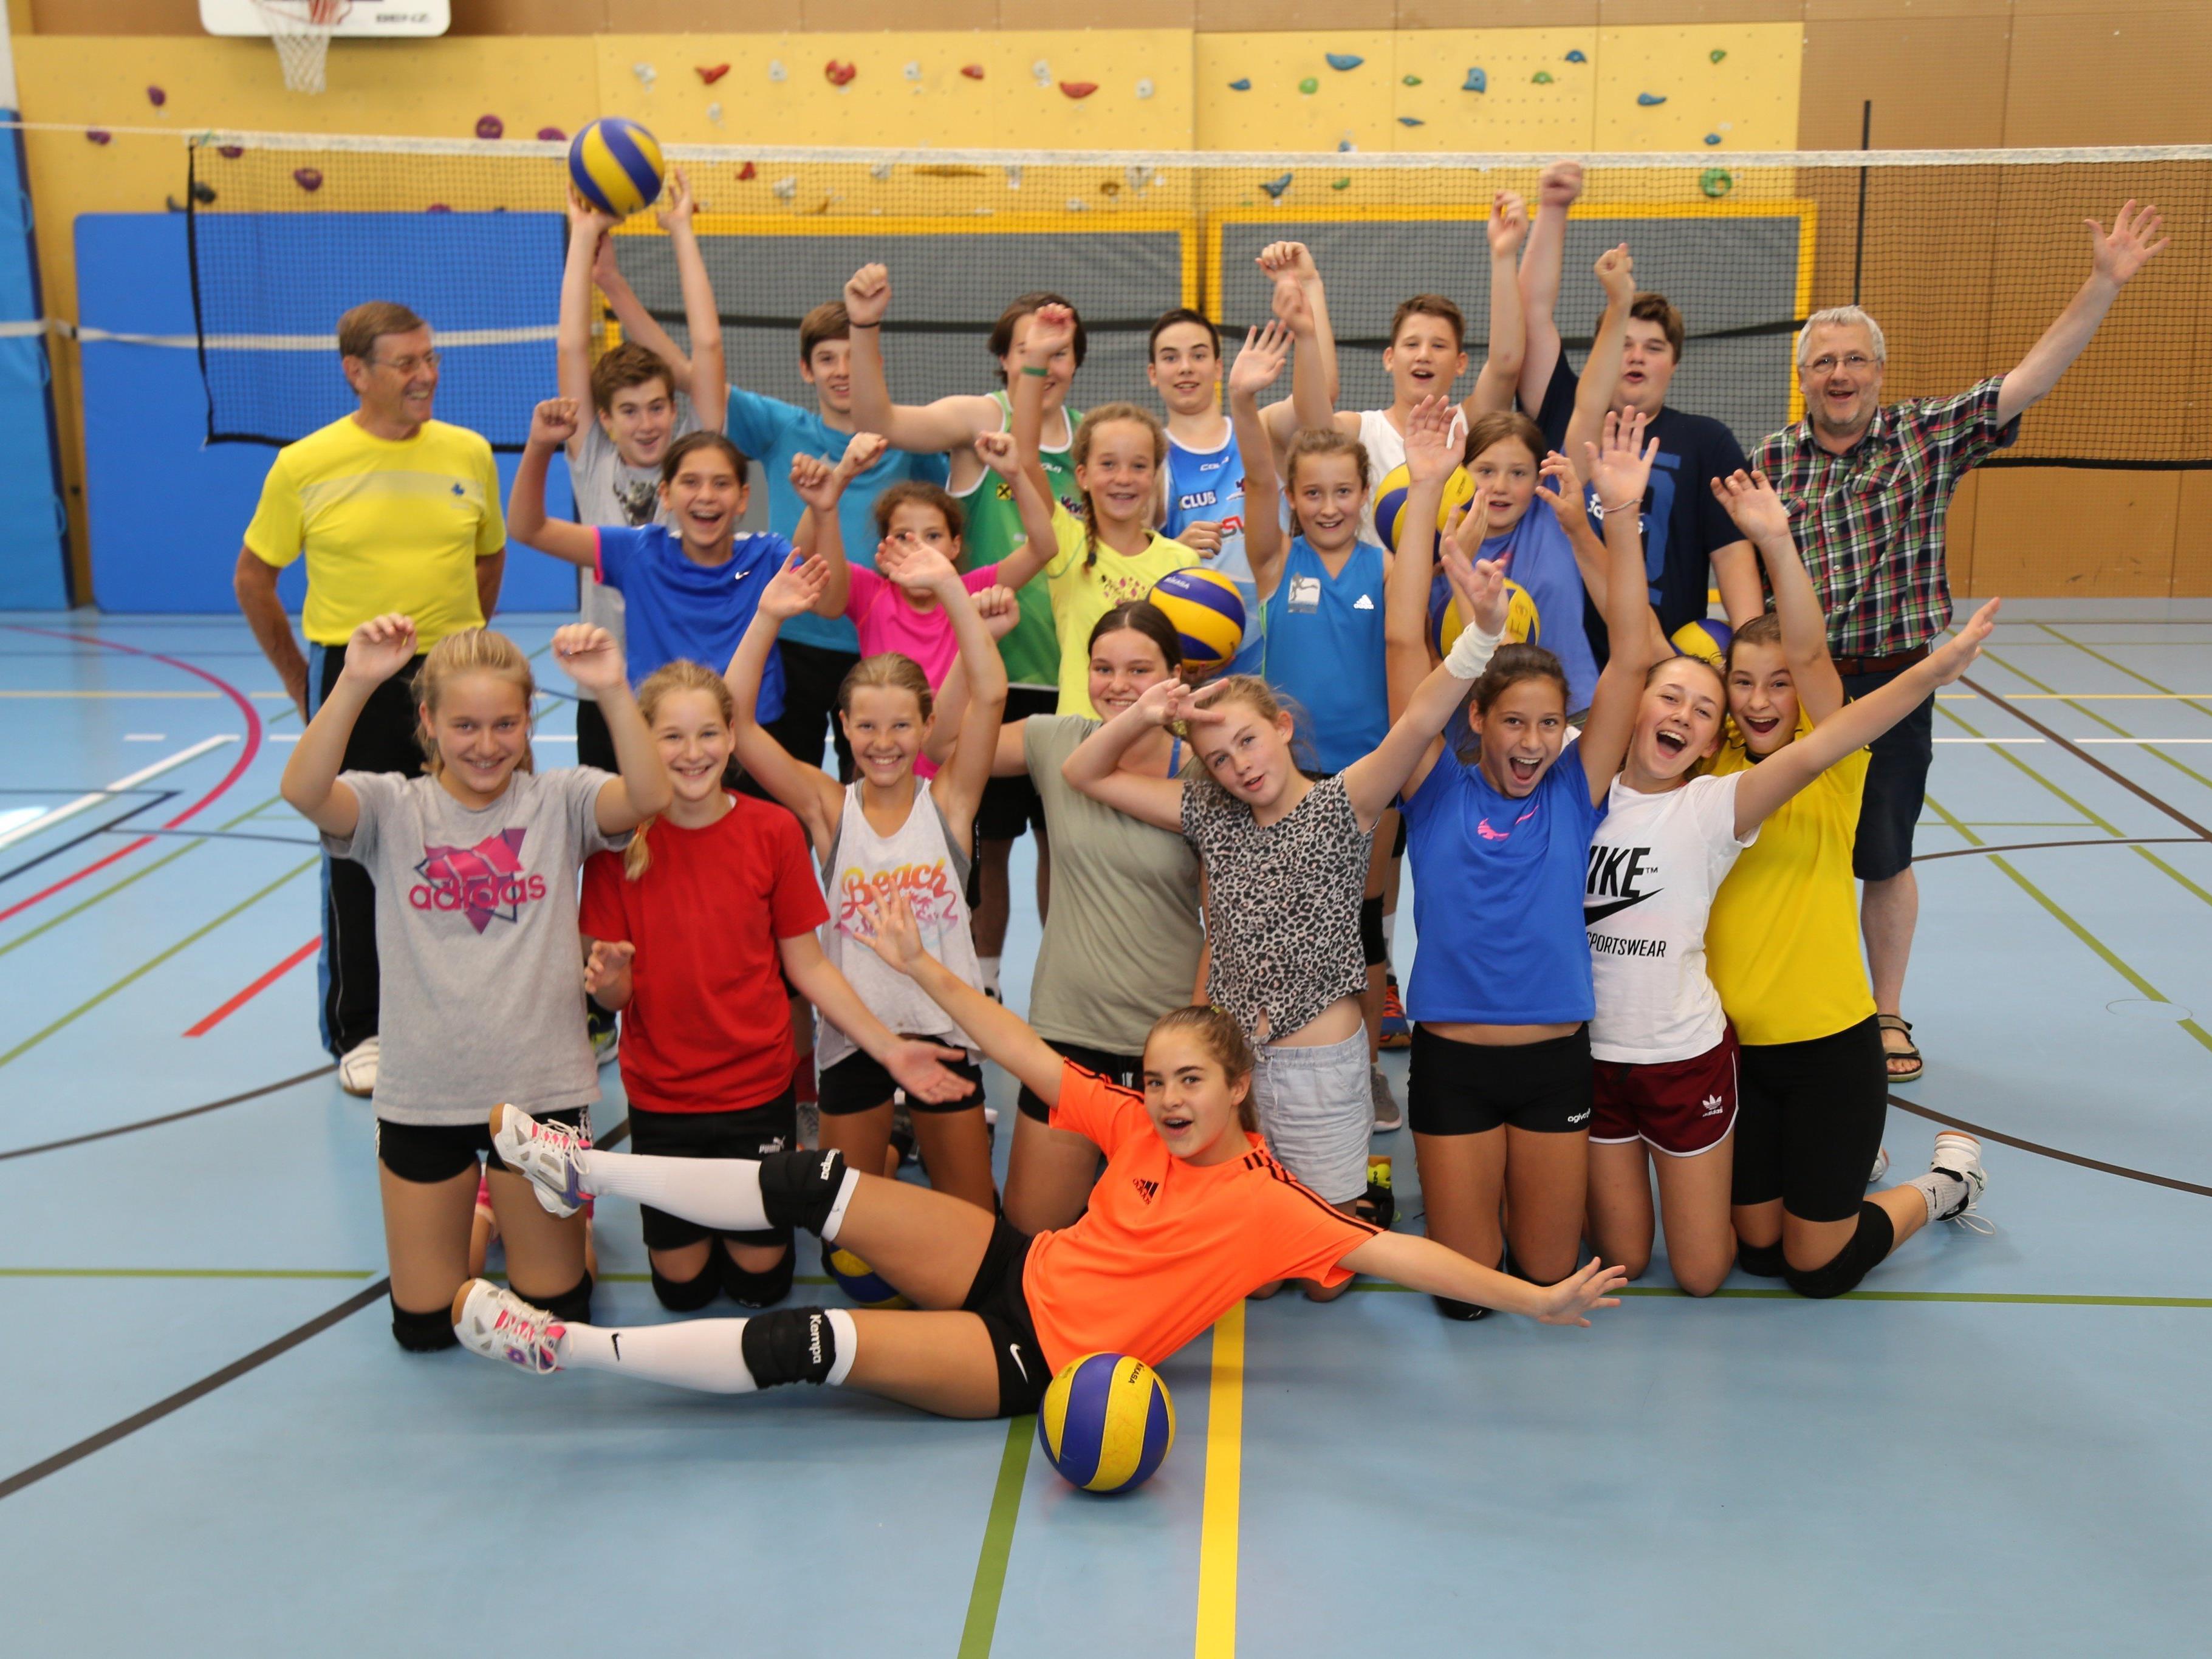 55 Kinder, aufgeteilt in drei Gruppen, sprangen und smashten den Volleyball über die Netze der Turnhallen.